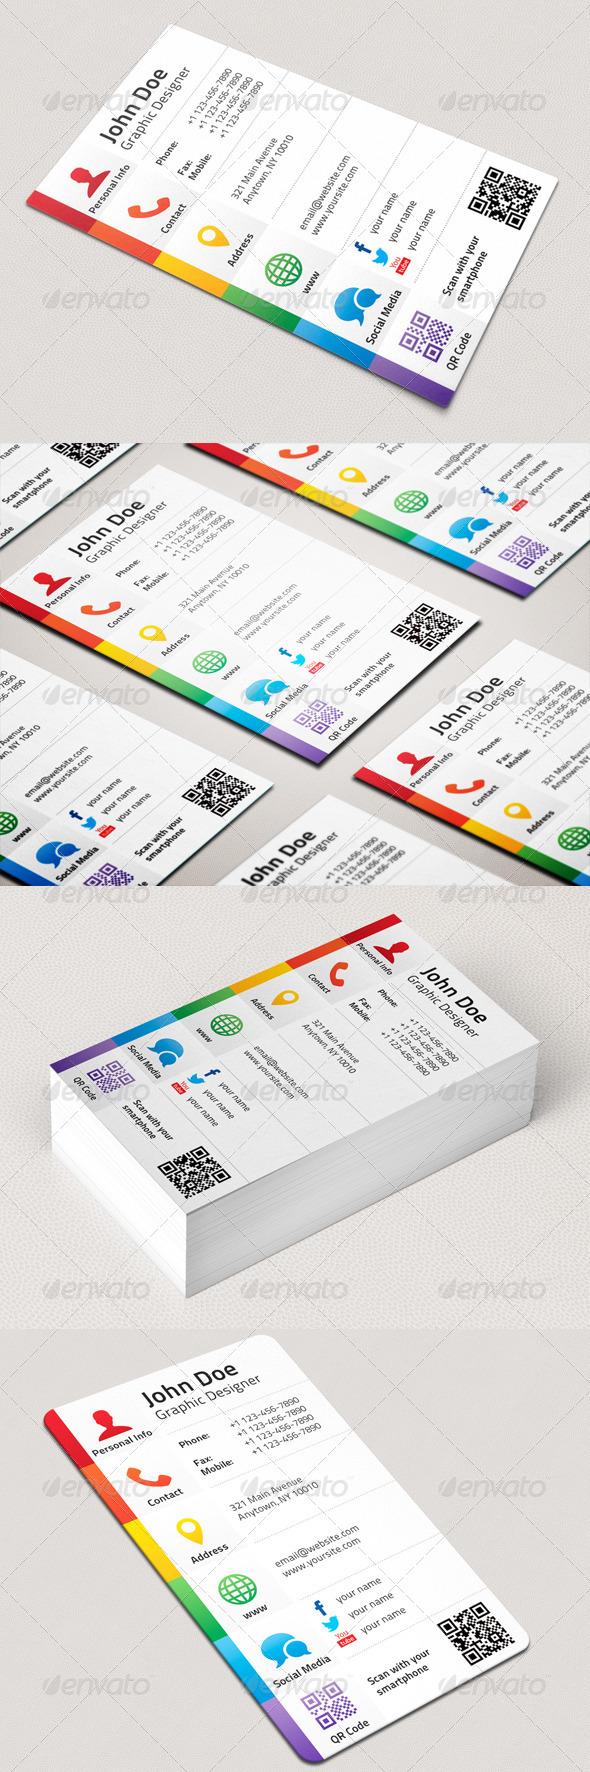 دانلود طرح لایه باز کارت ویزیت شخصی 5742002